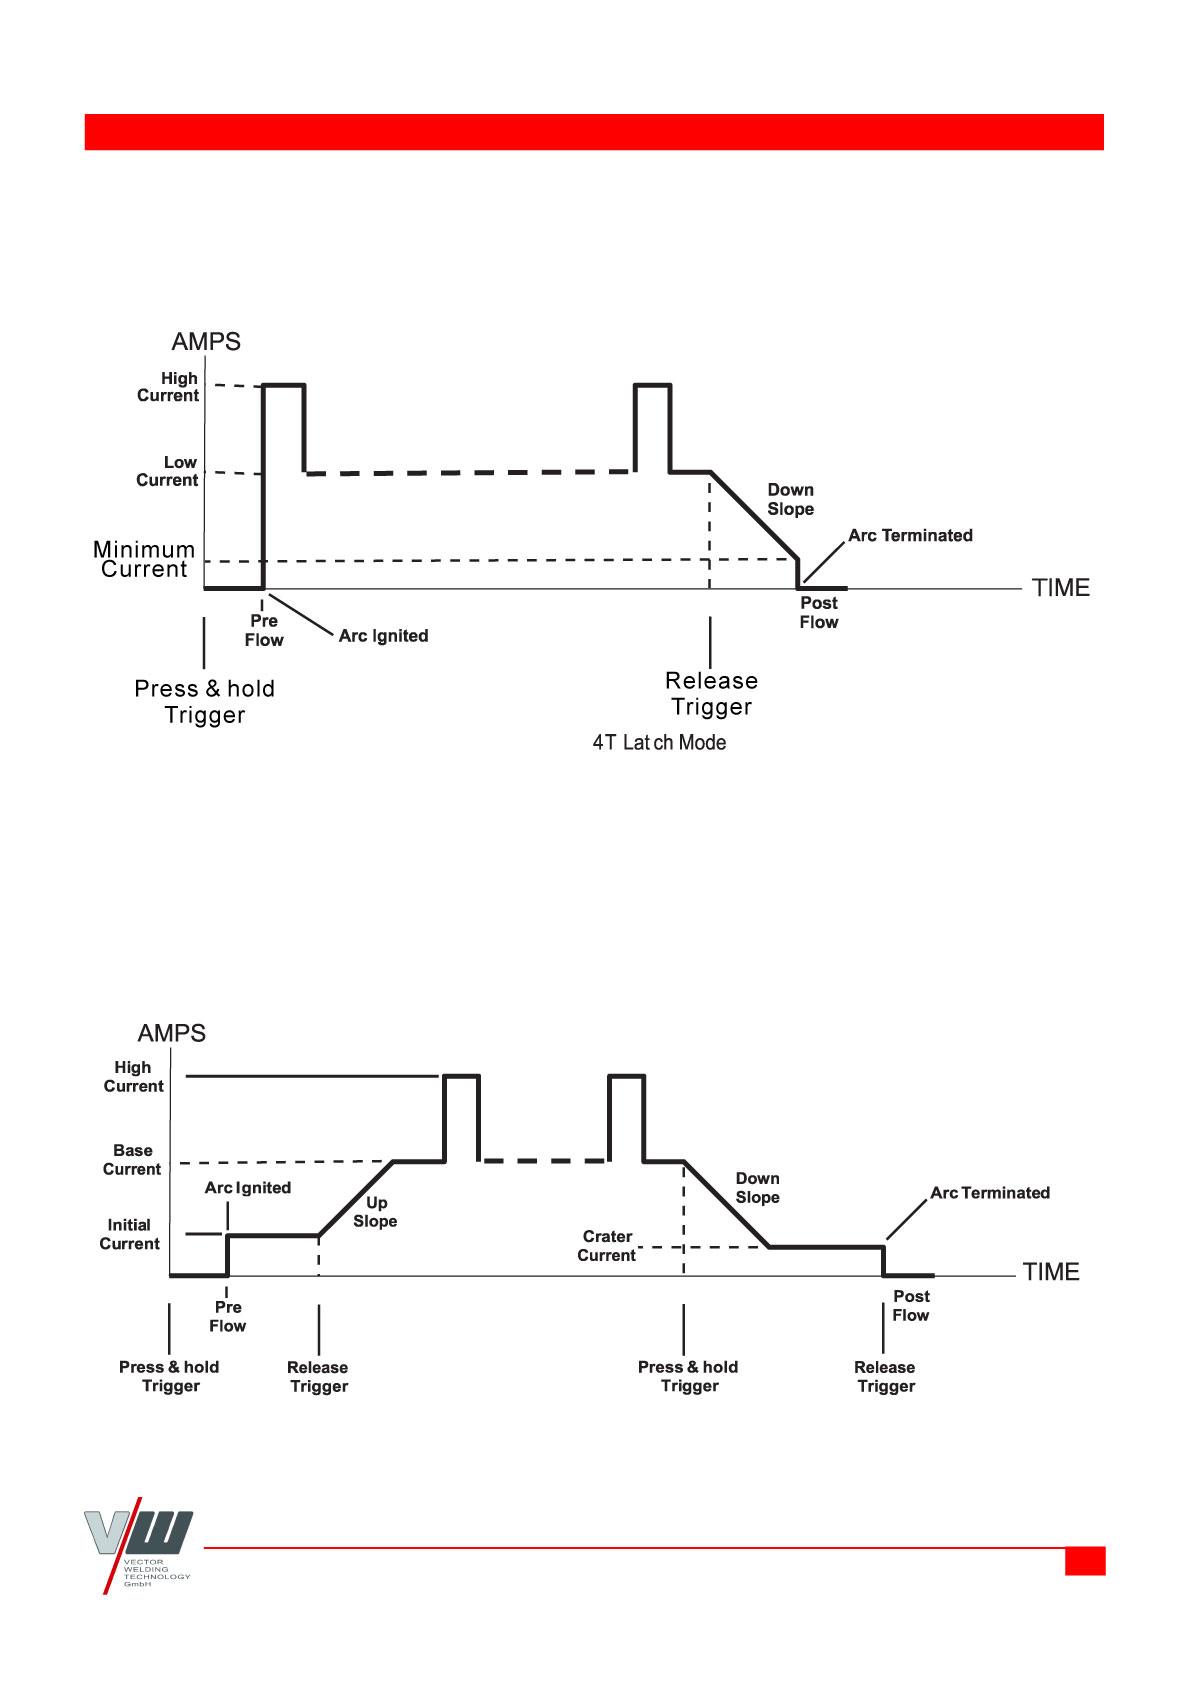 Ungewöhnlich Wechselstrom Gleichstrom Symbol Galerie - Schaltplan ...